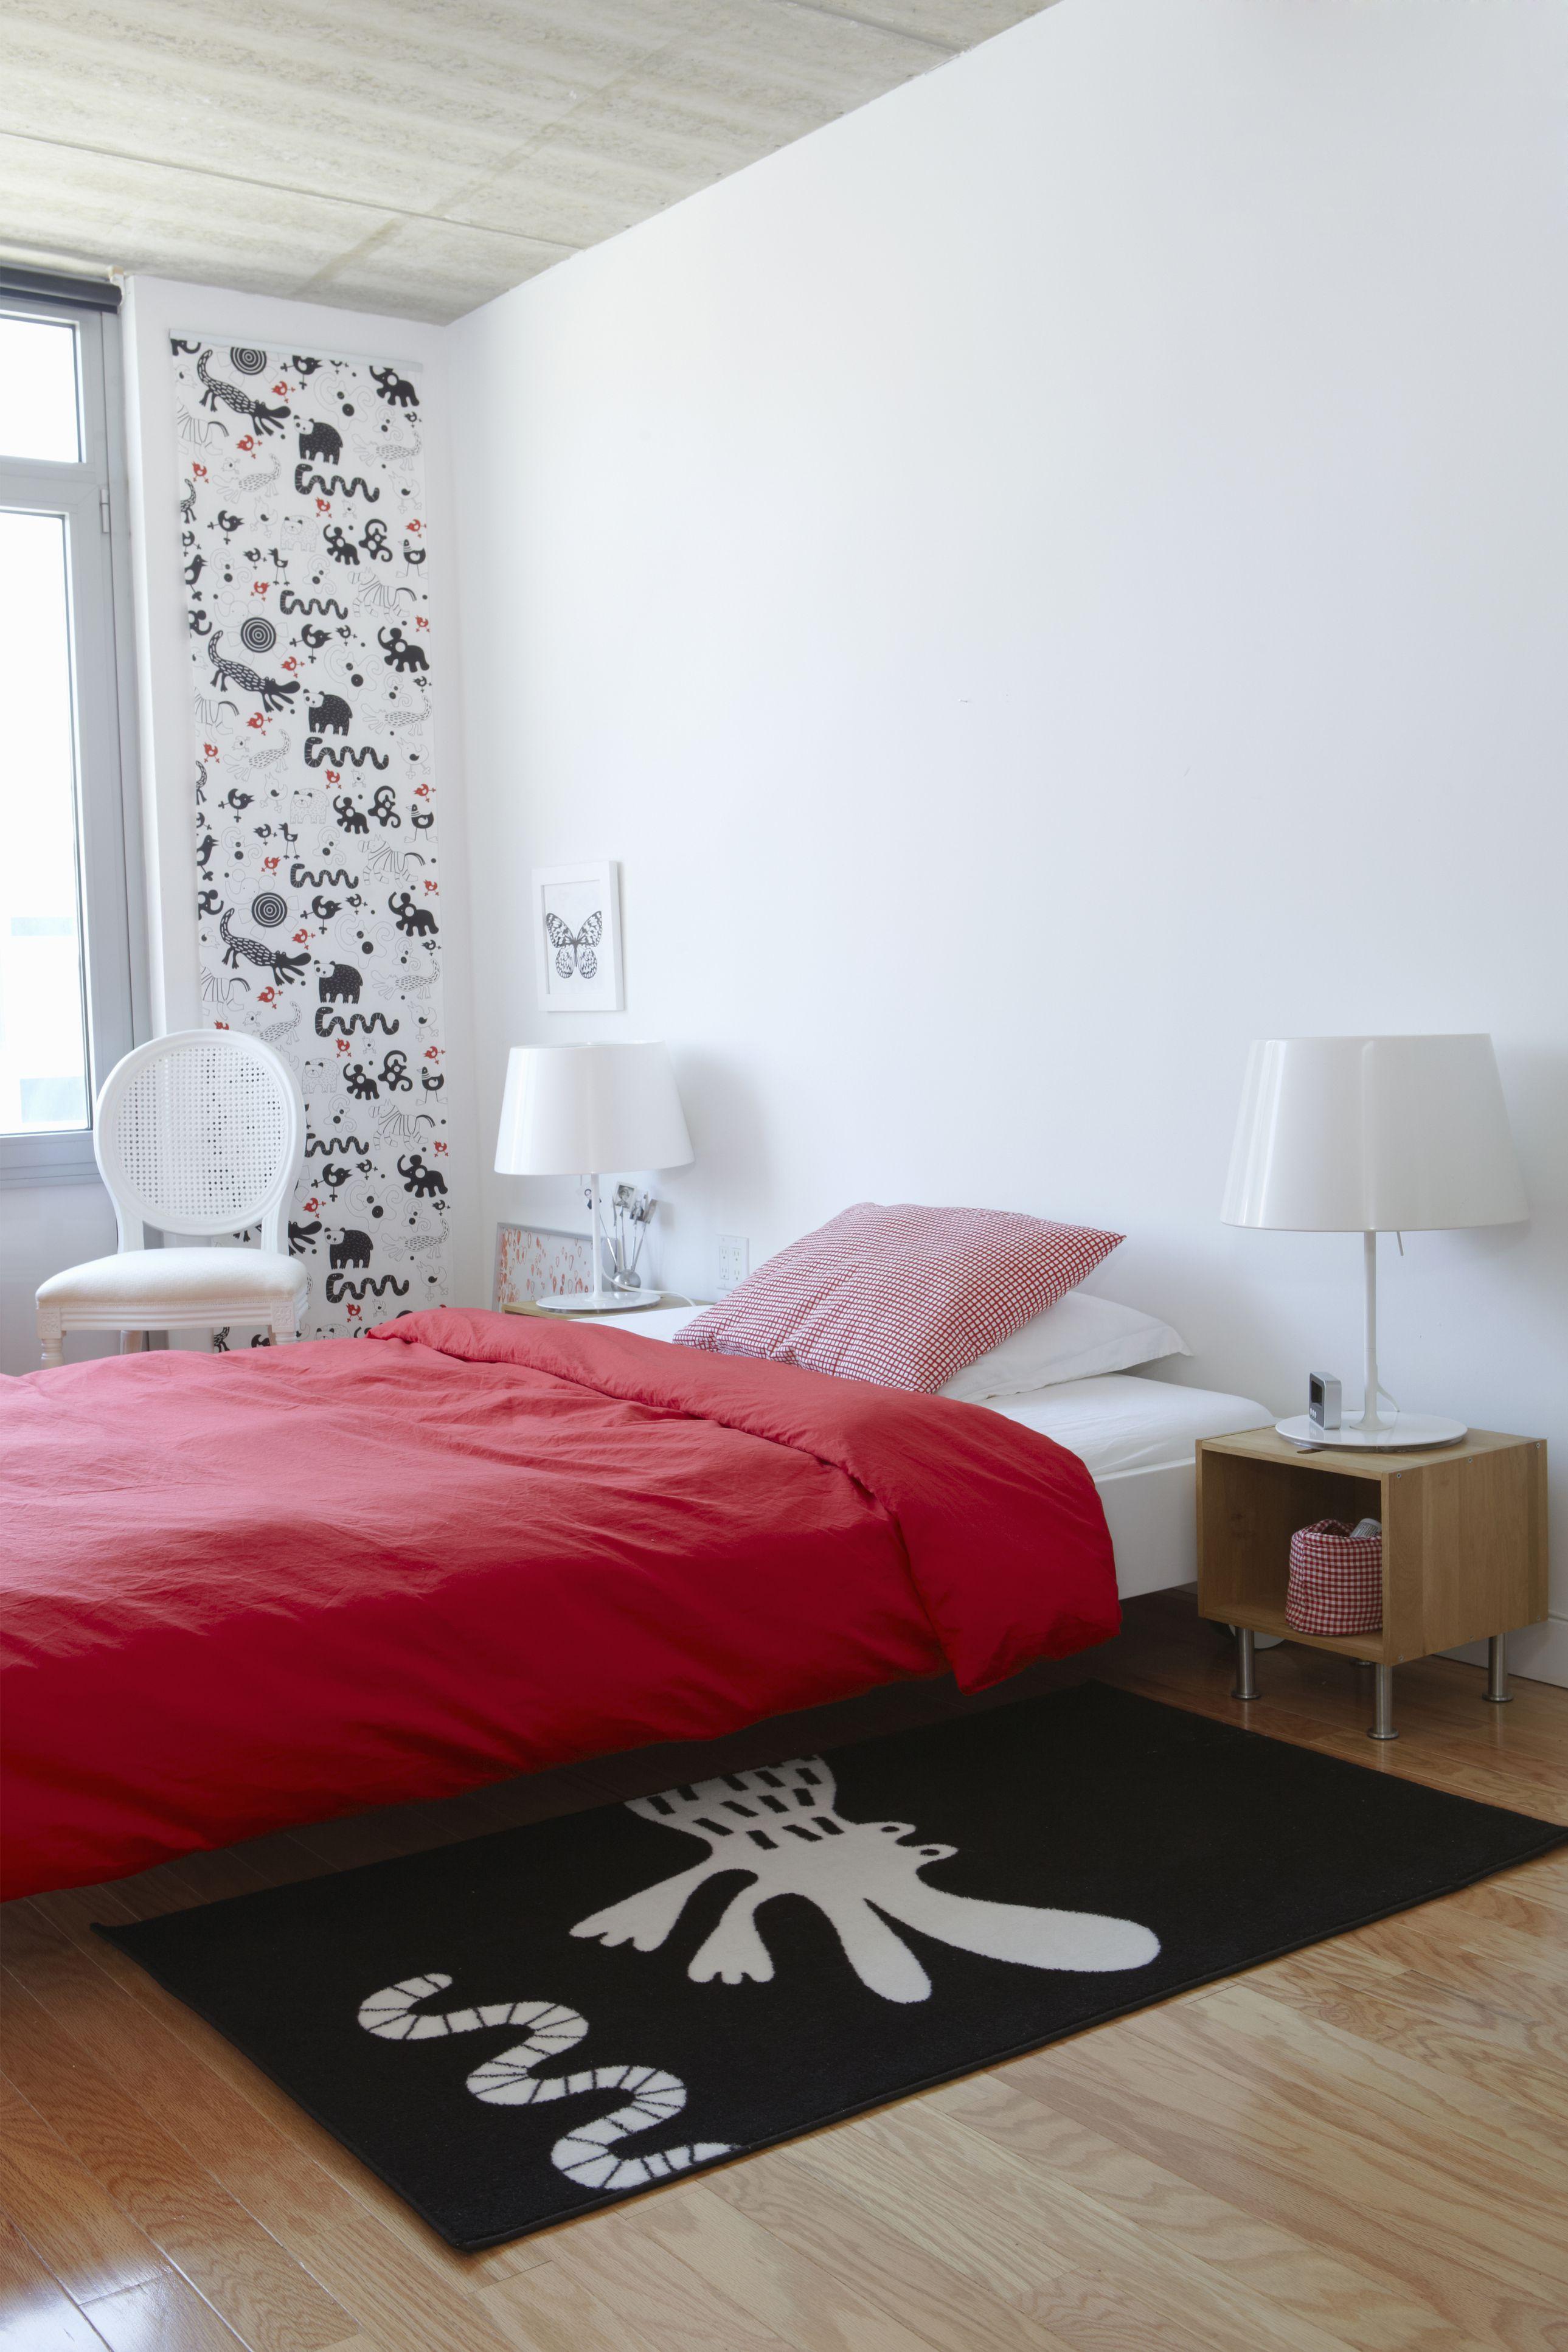 Consejos para decorar el cuarto de un adolescente - Consejos de decoracion de habitaciones ...